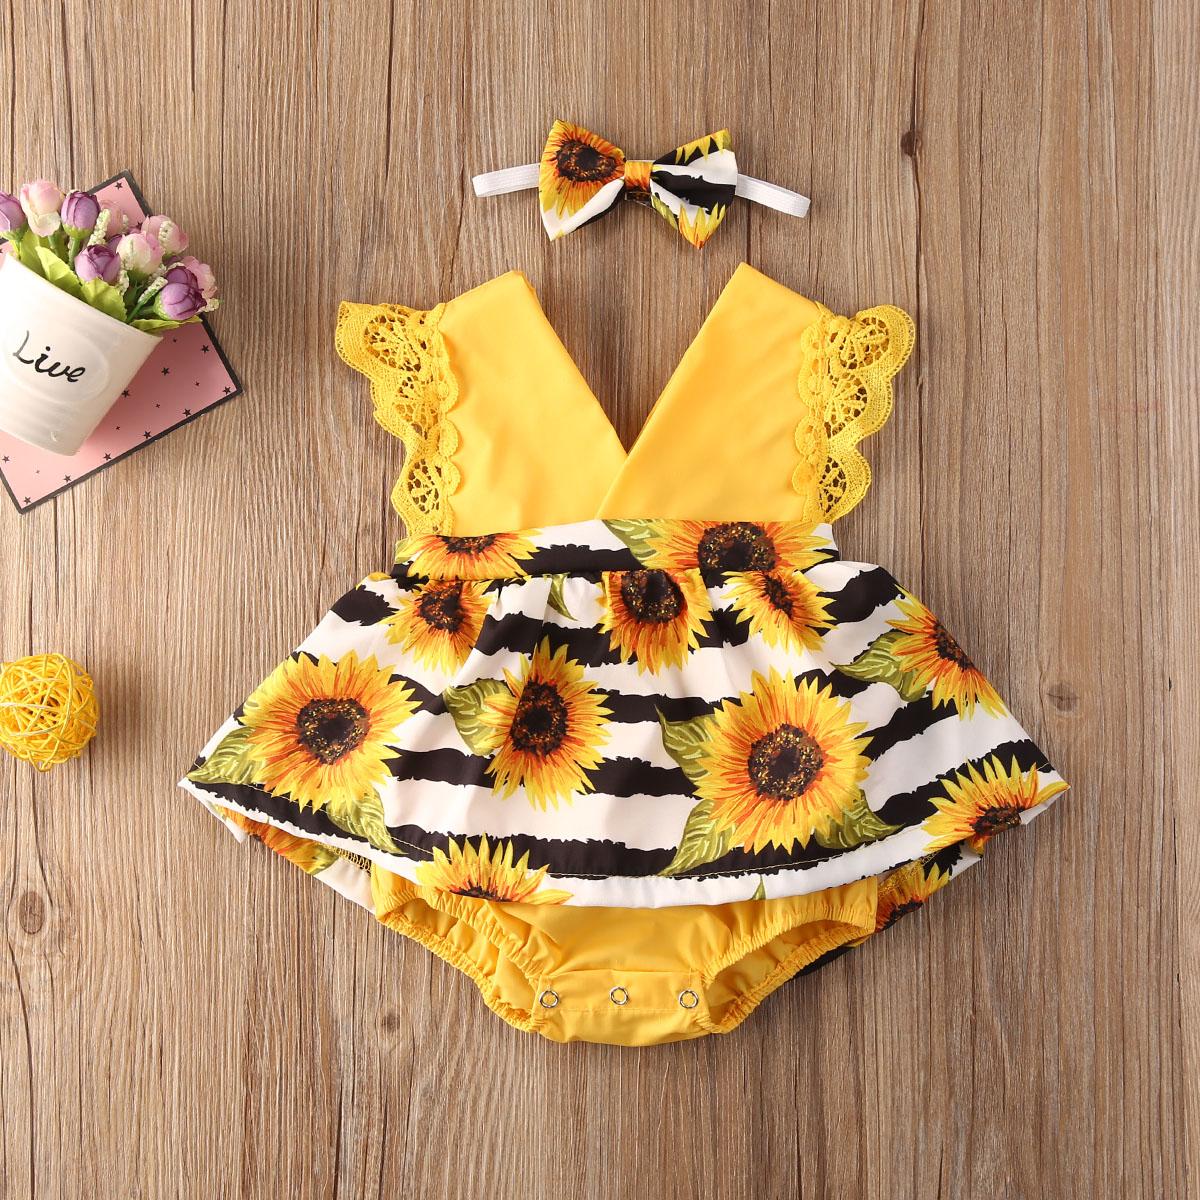 יילוד תינוק בגדי ילדה תחרה לפרוע חמניות הדפסת Romper סרט 2Pcs קיץ ללא שרוולים תלבושות חליפת קיץ עבור 0-24Months